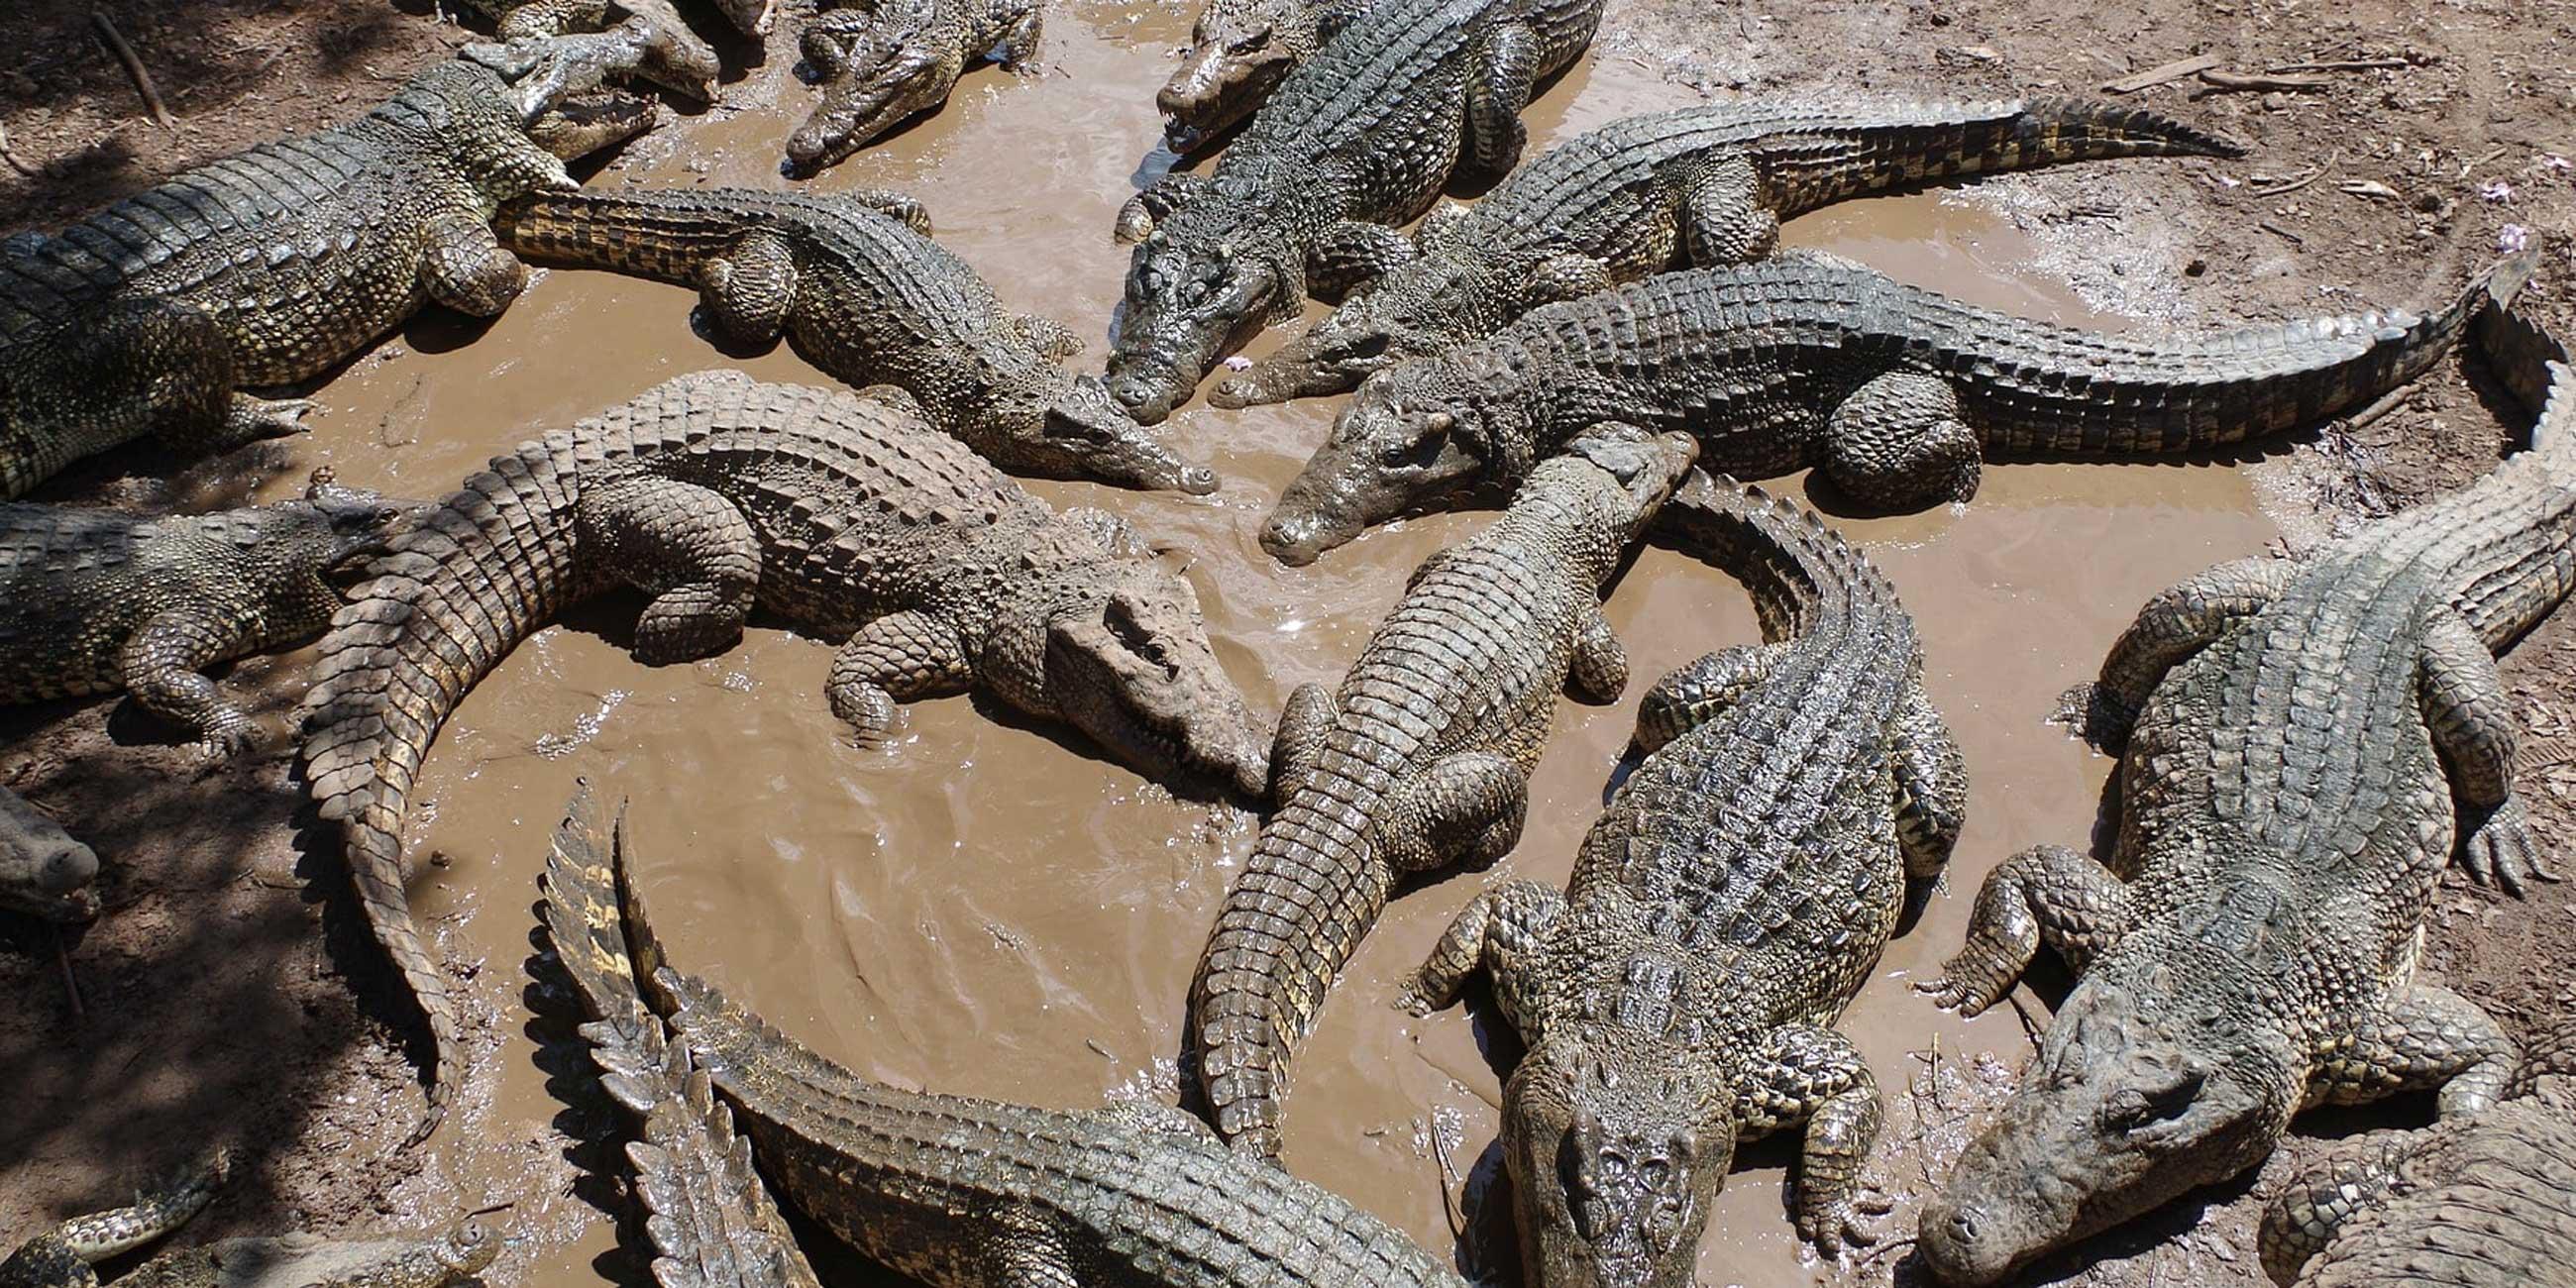 На ферме крокодилы живут не в вольерах под открытым небом